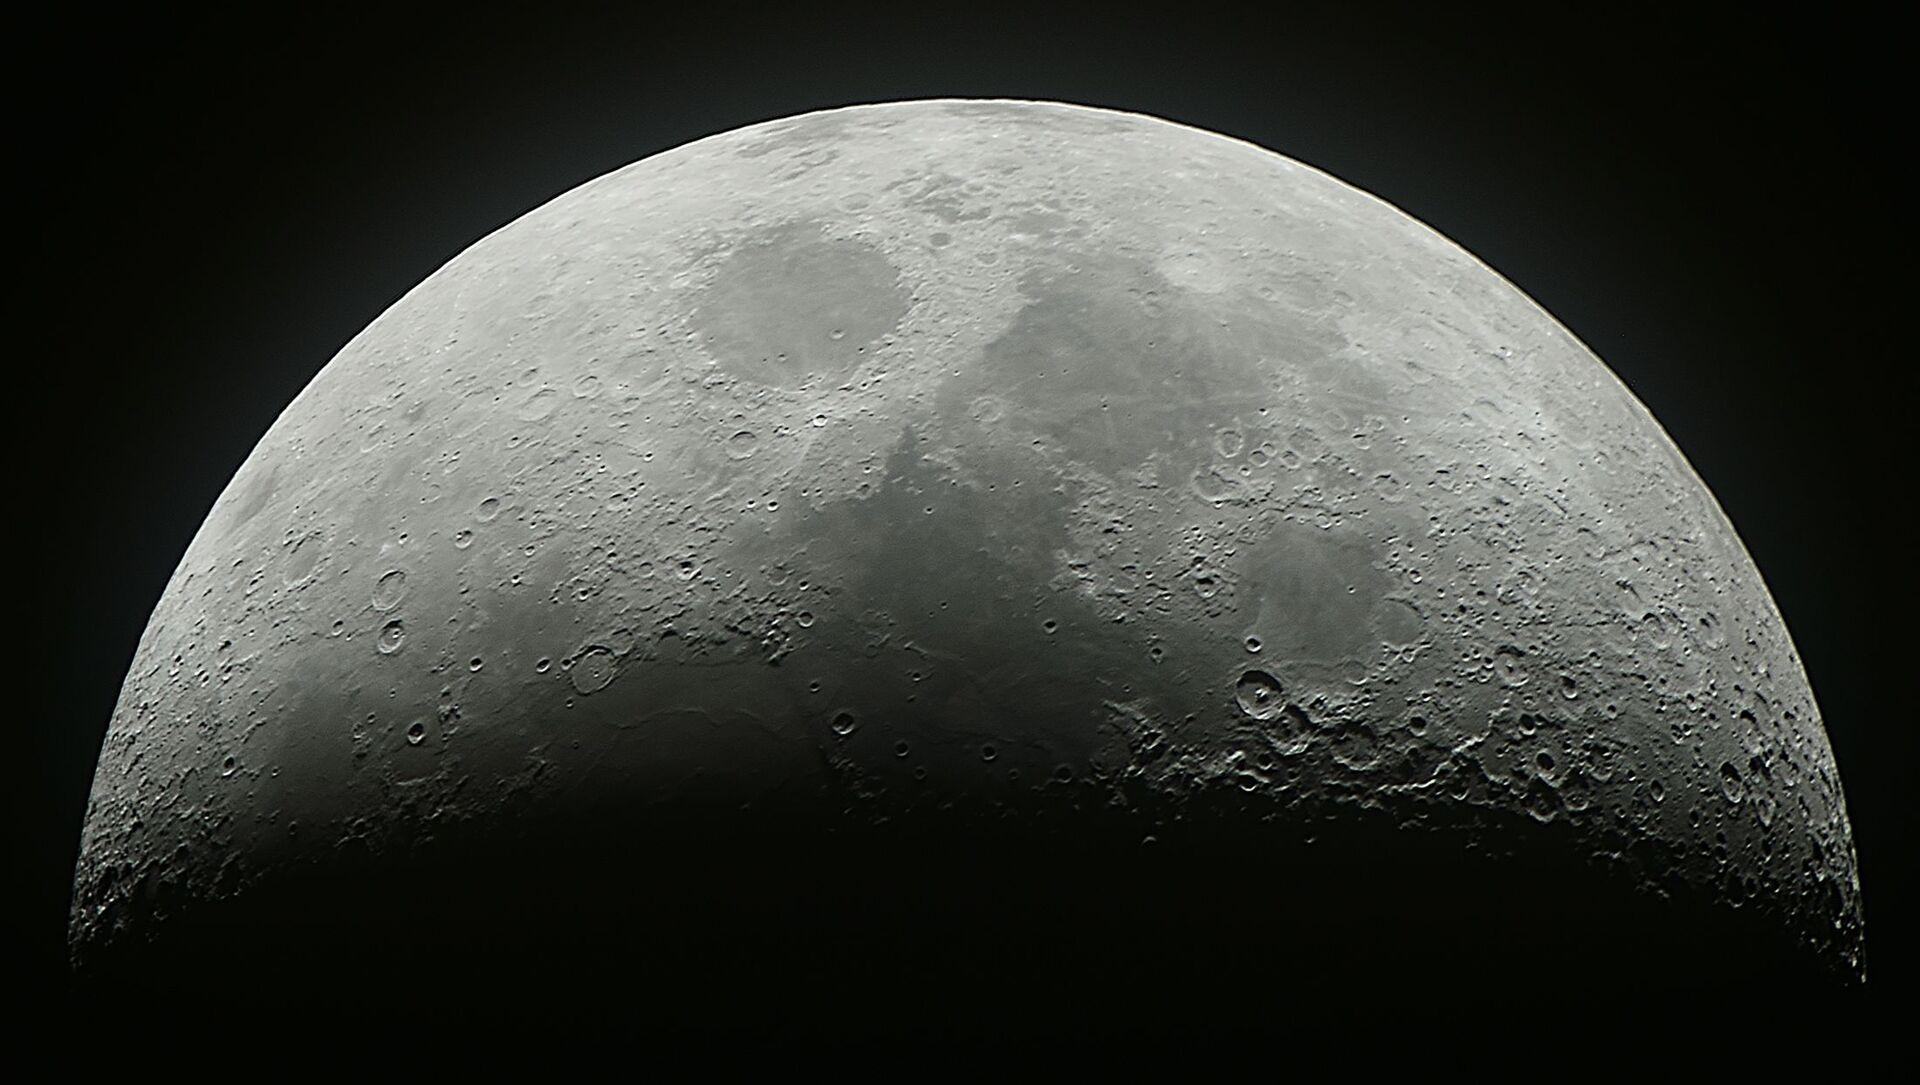 Księżyc - Sputnik Polska, 1920, 21.02.2021